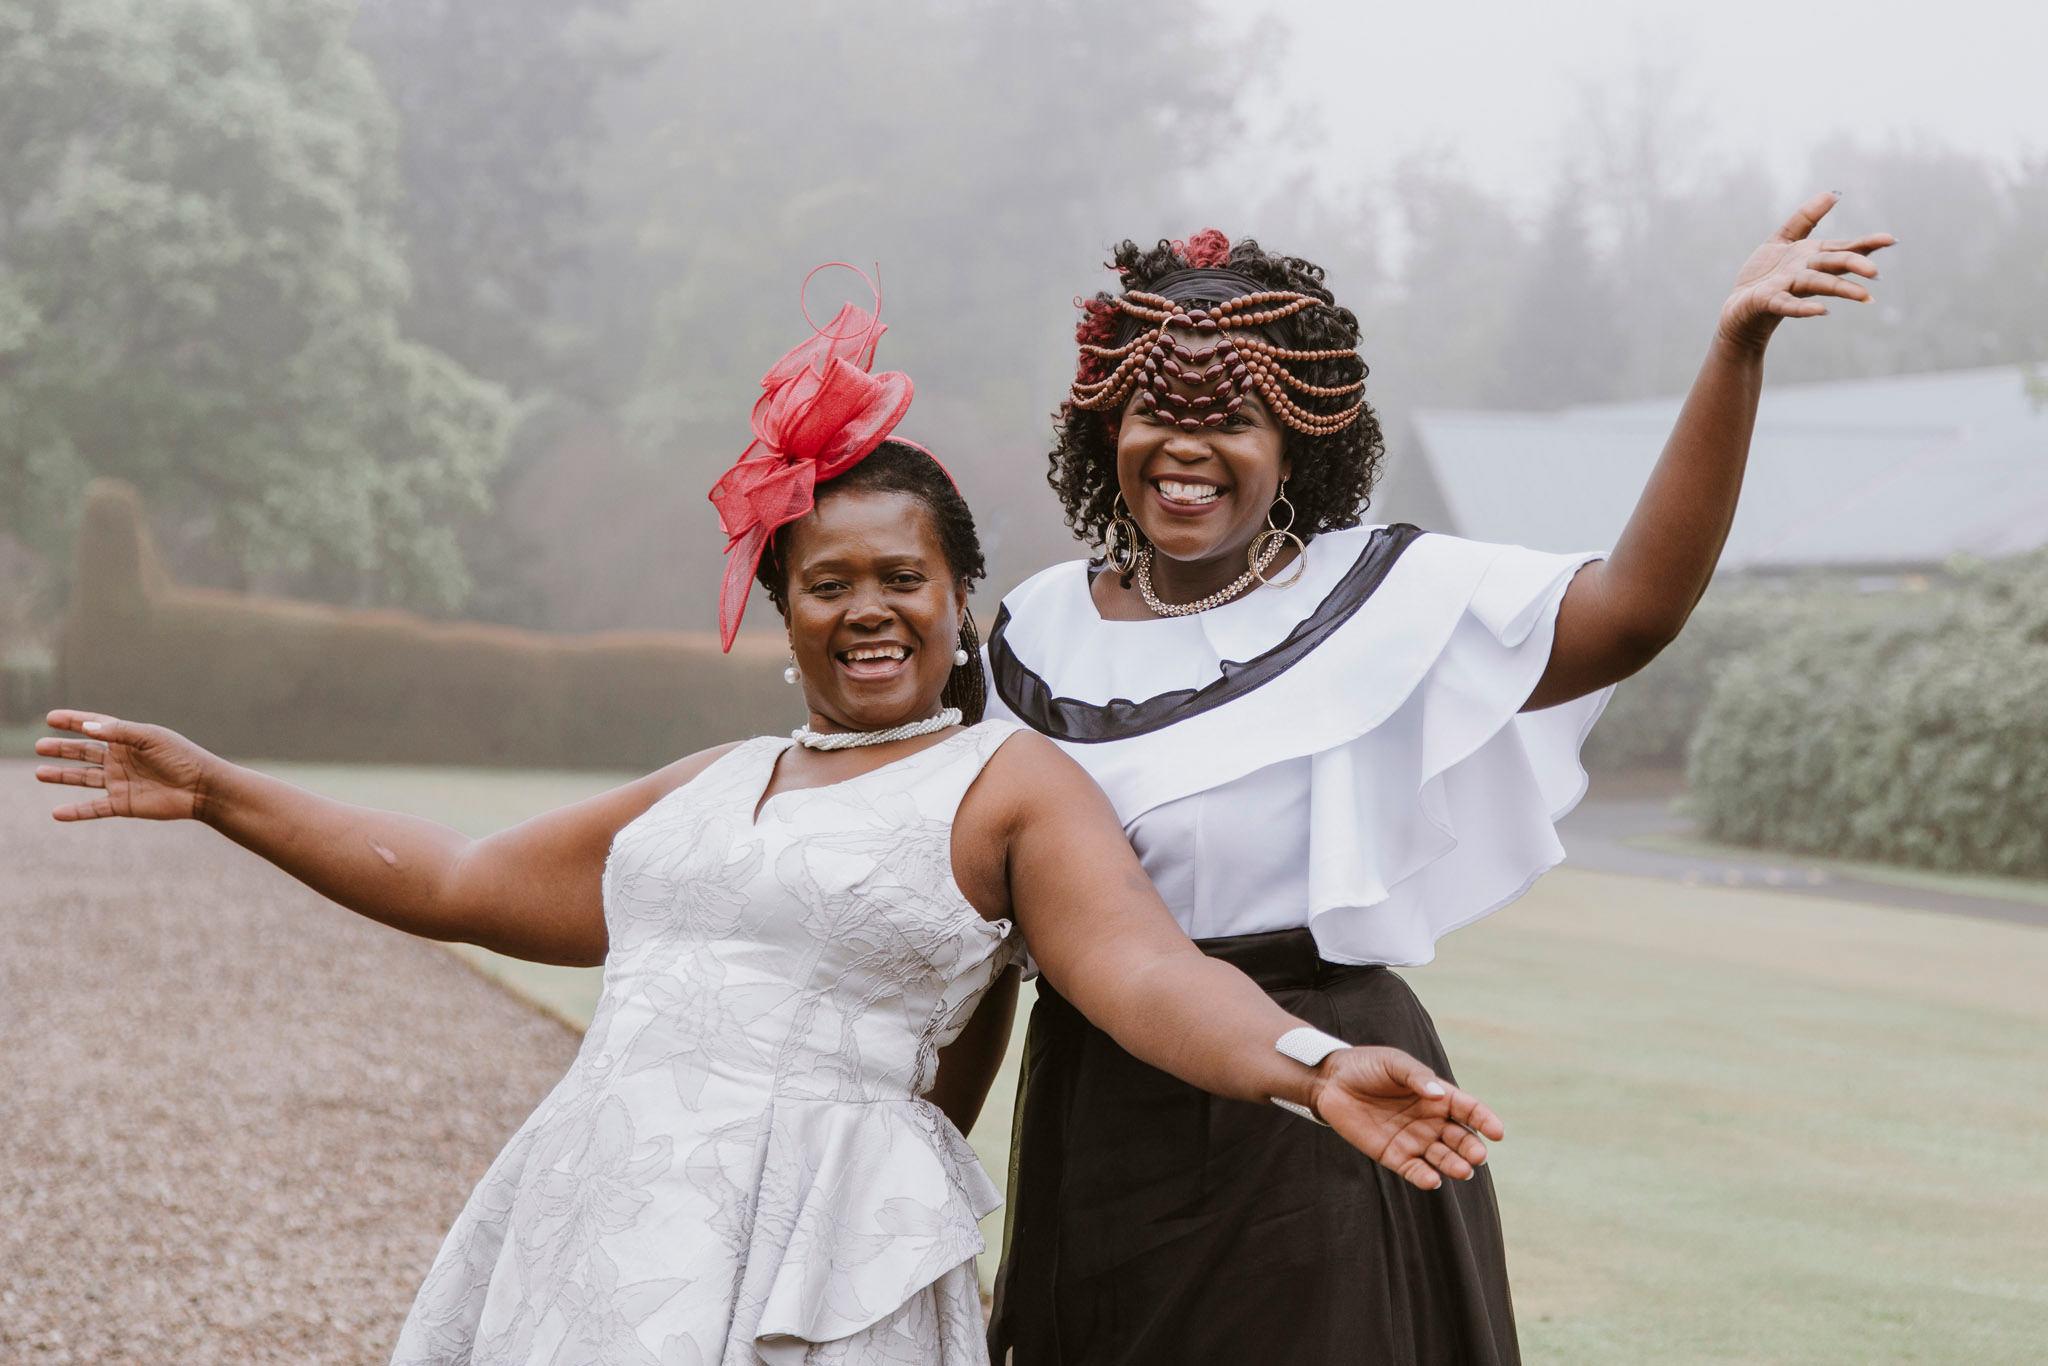 scotland-wedding-elopement-photographer-027.jpg